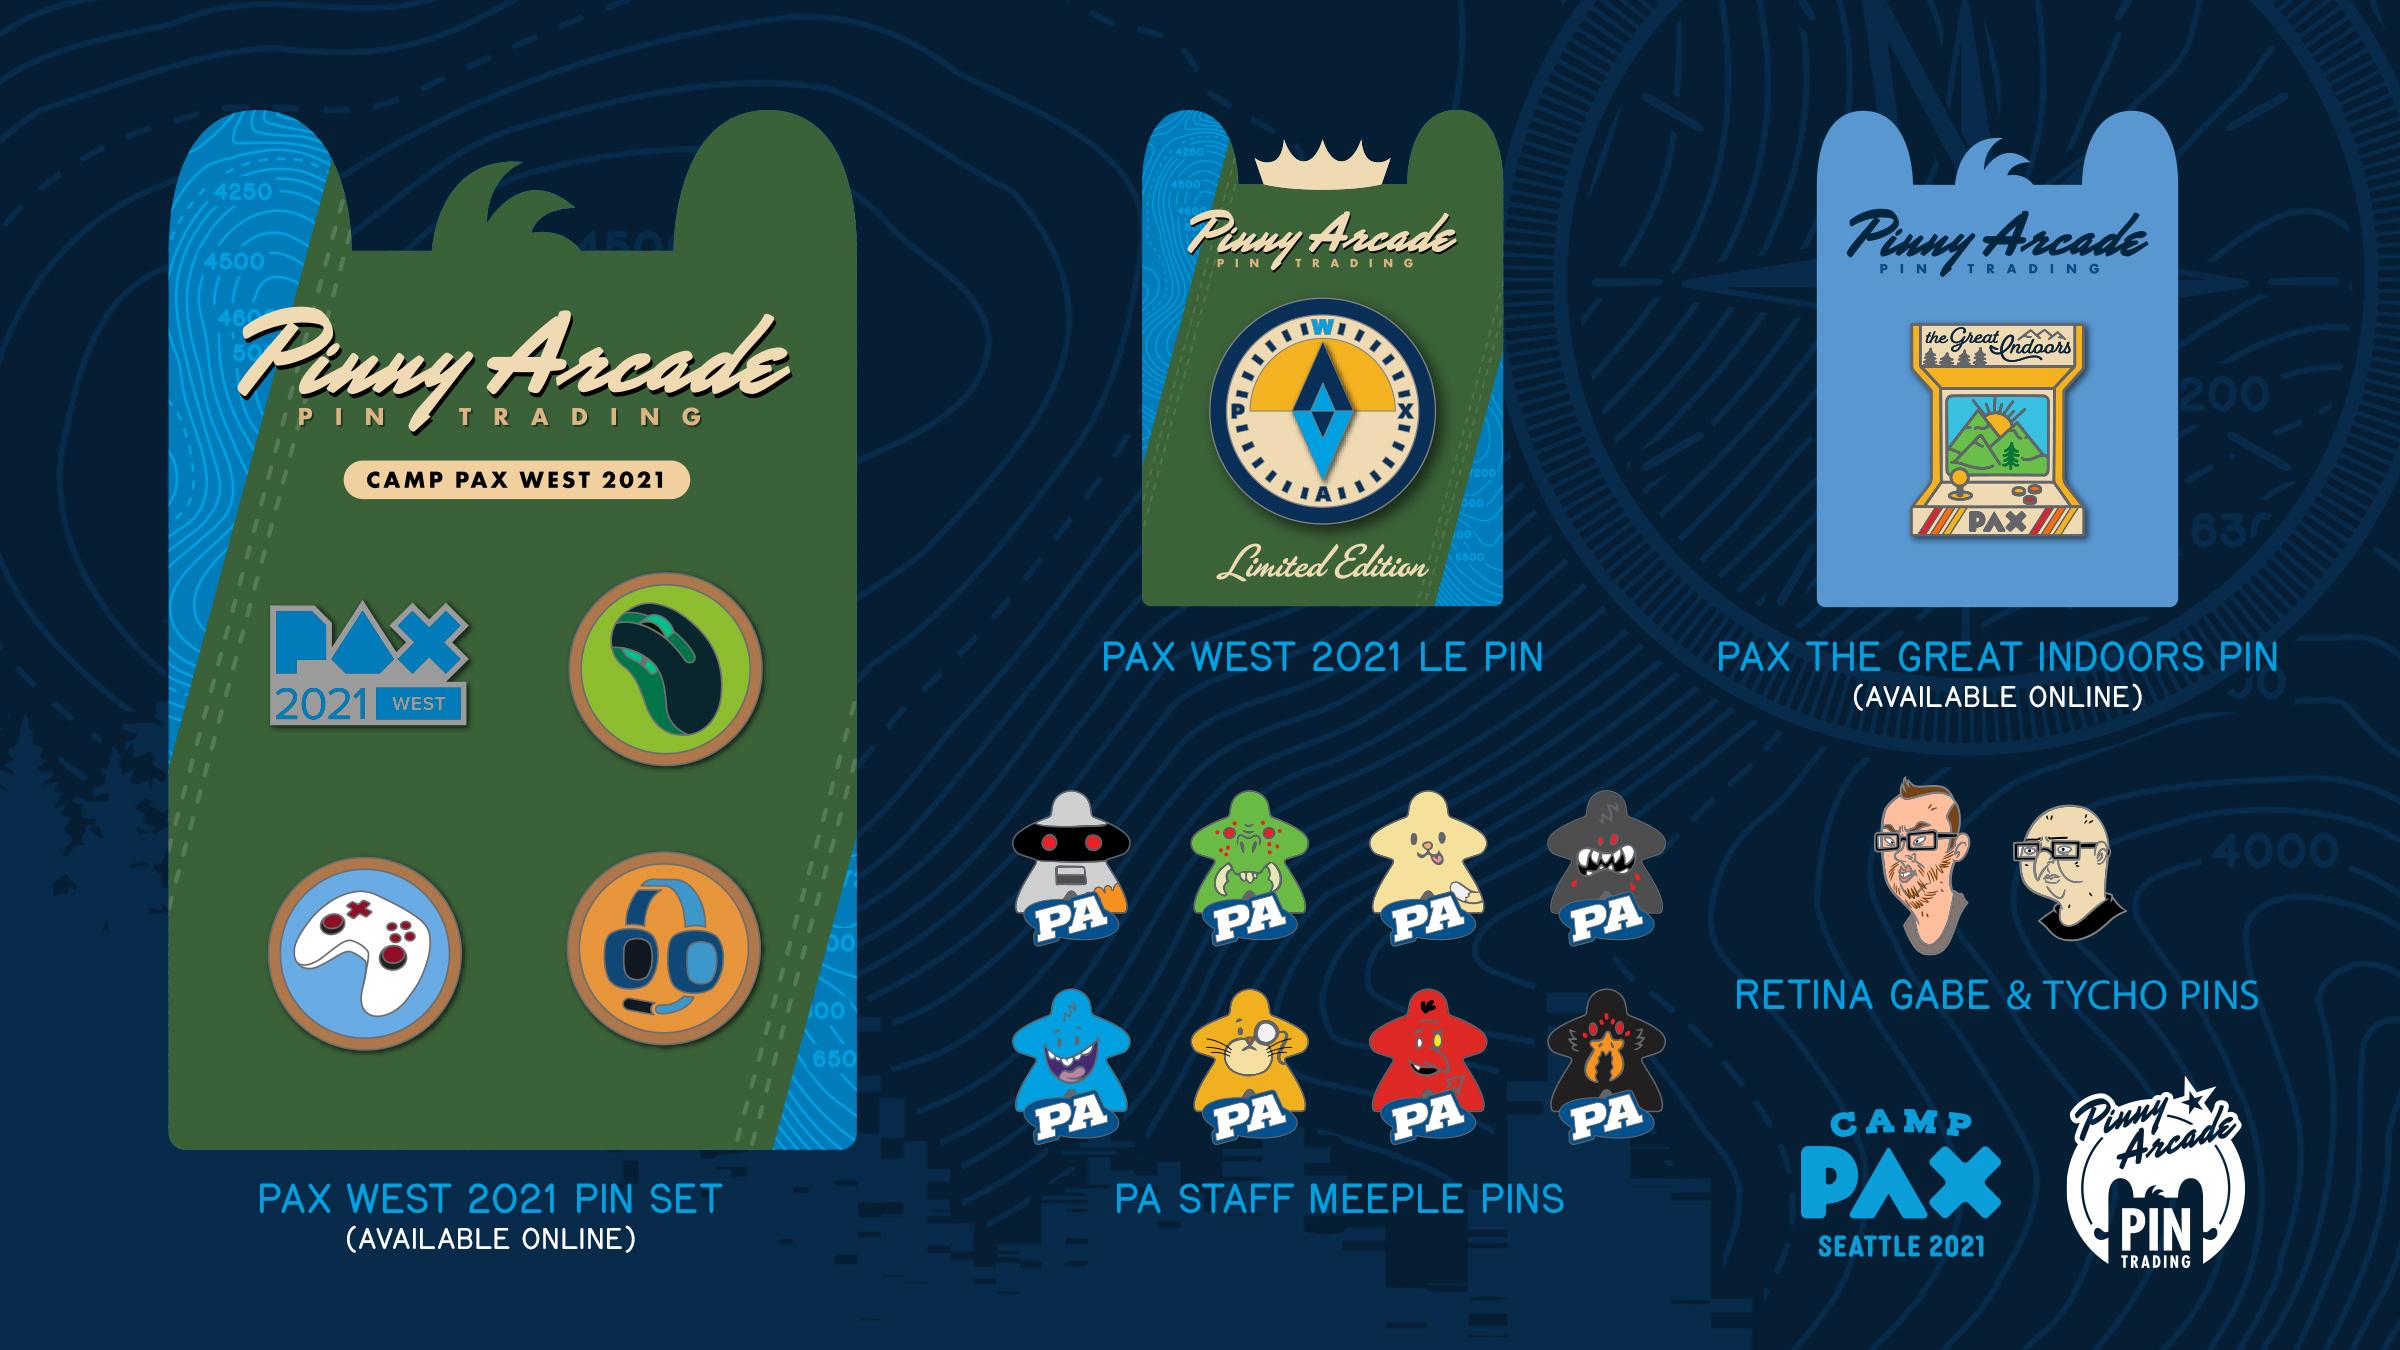 PAX West 2021 Pins